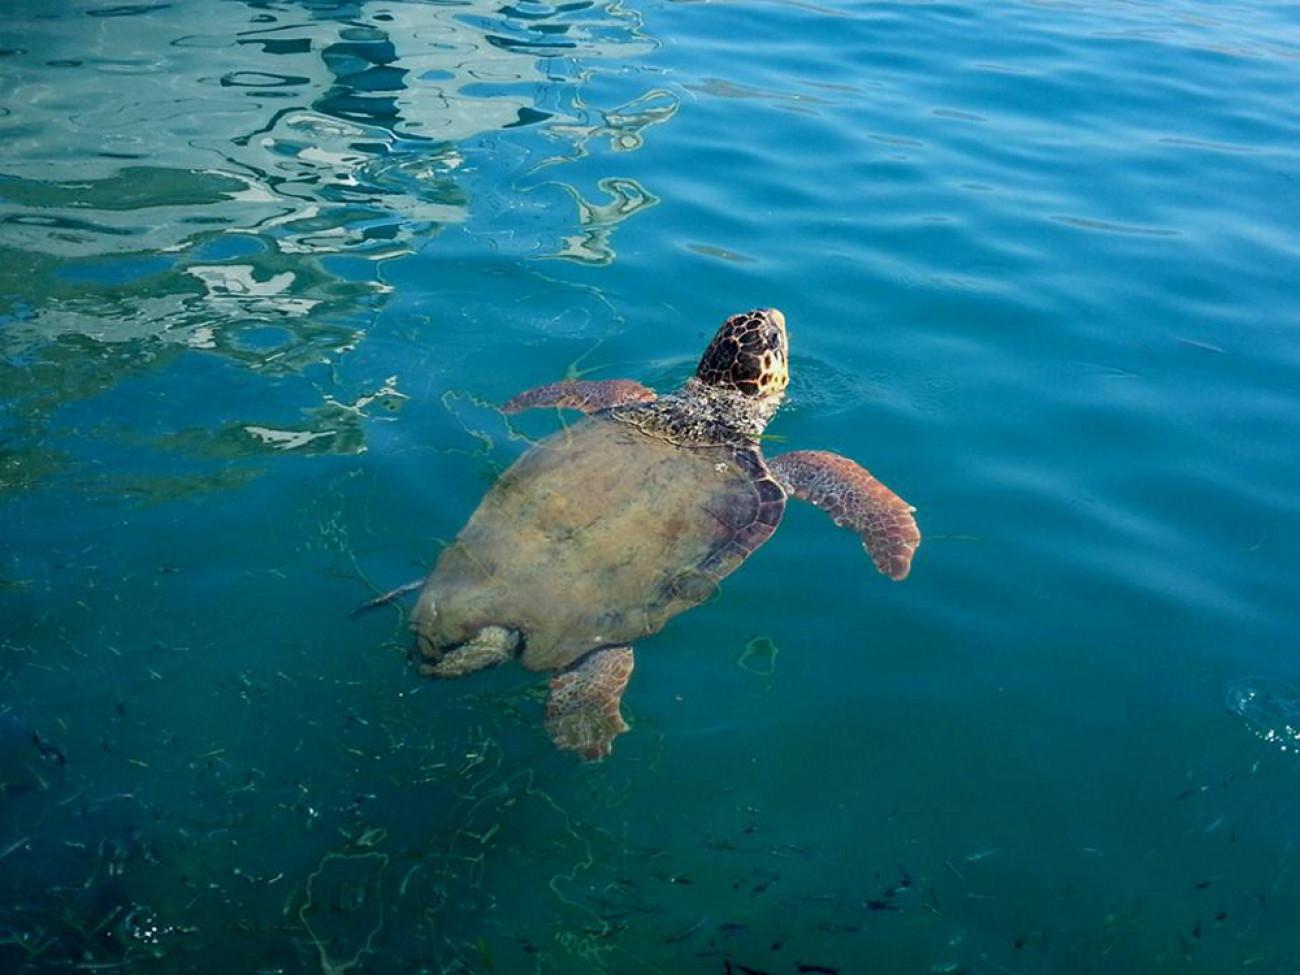 Κολυμπώντας με μία μεγάλη χελώνα καρέτα καρέτα  (βίντεο)